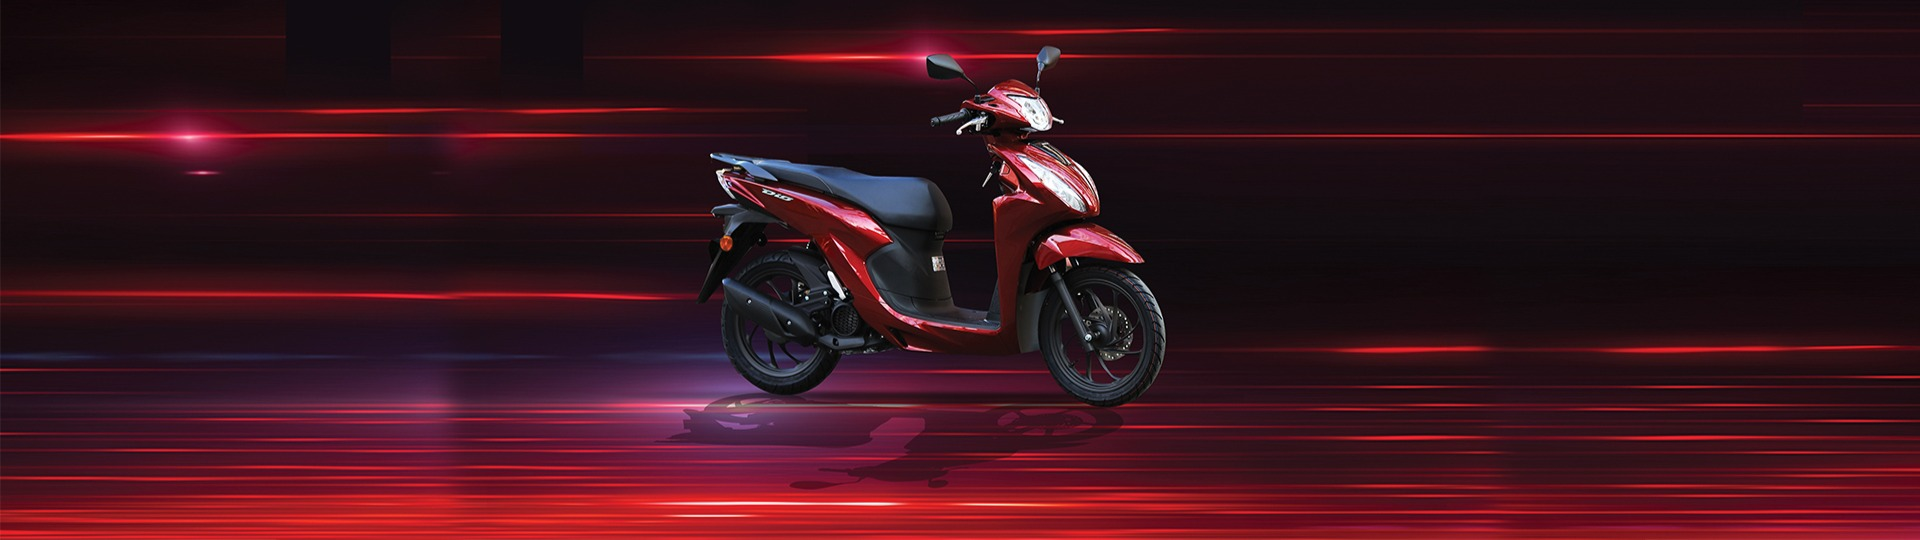 Honda Sağlam Scooter Dünyasına Yeni Bir Honda Ruhu, Yeni Honda Dio!